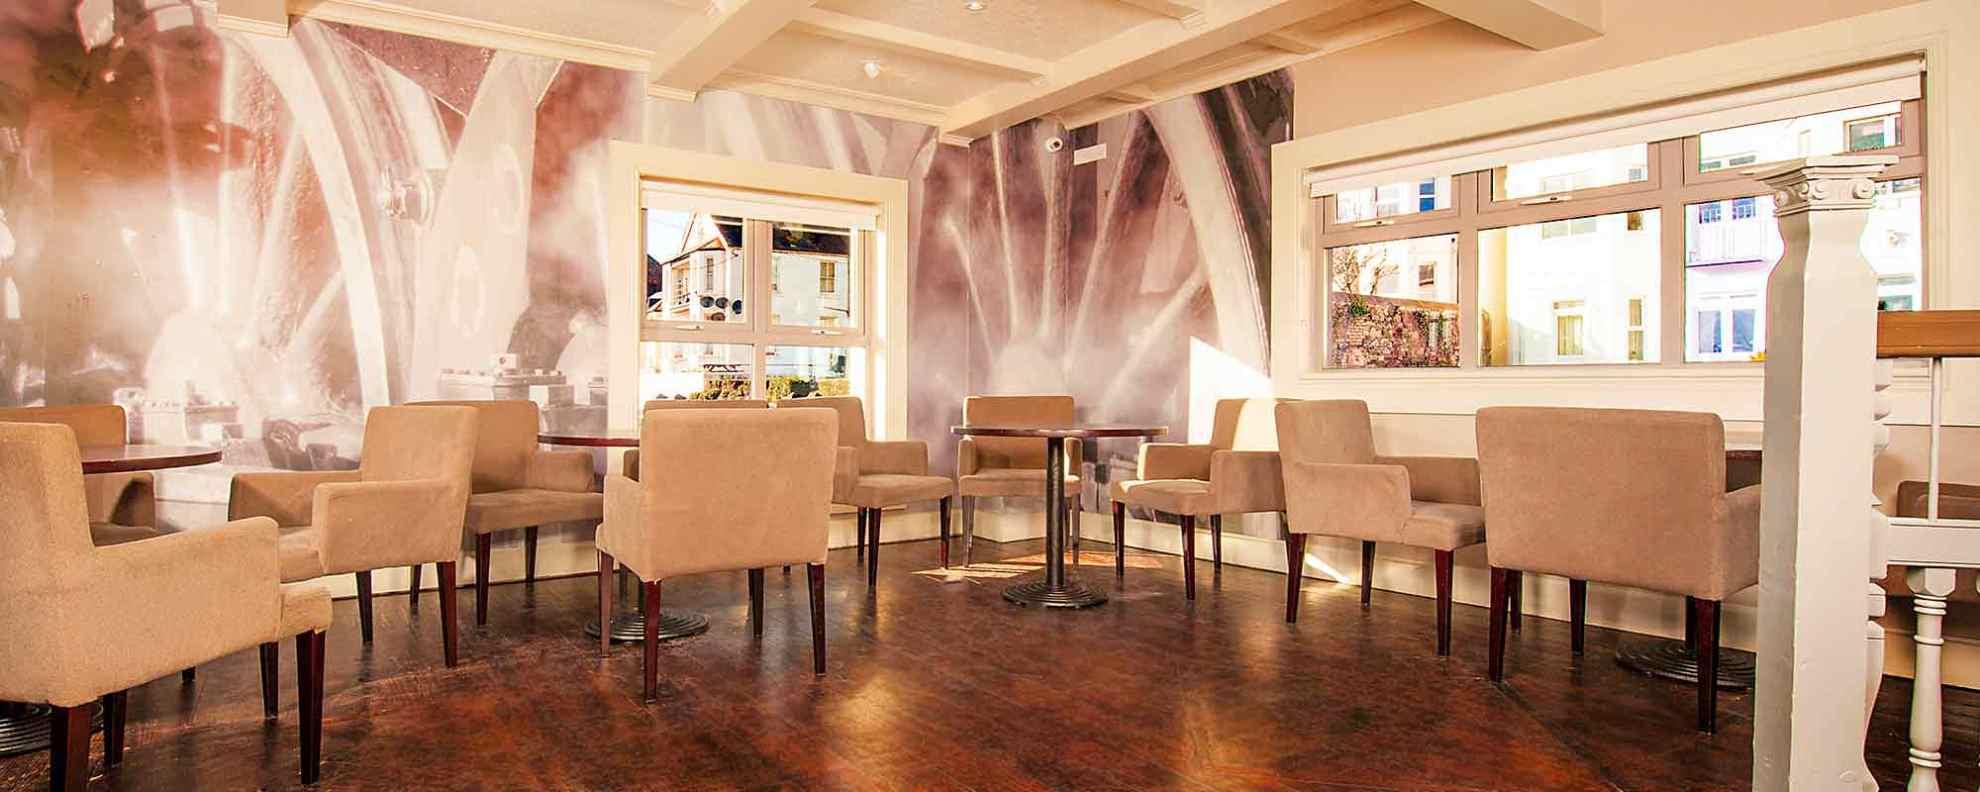 Clancys Bar Amp Restaurant Youghal